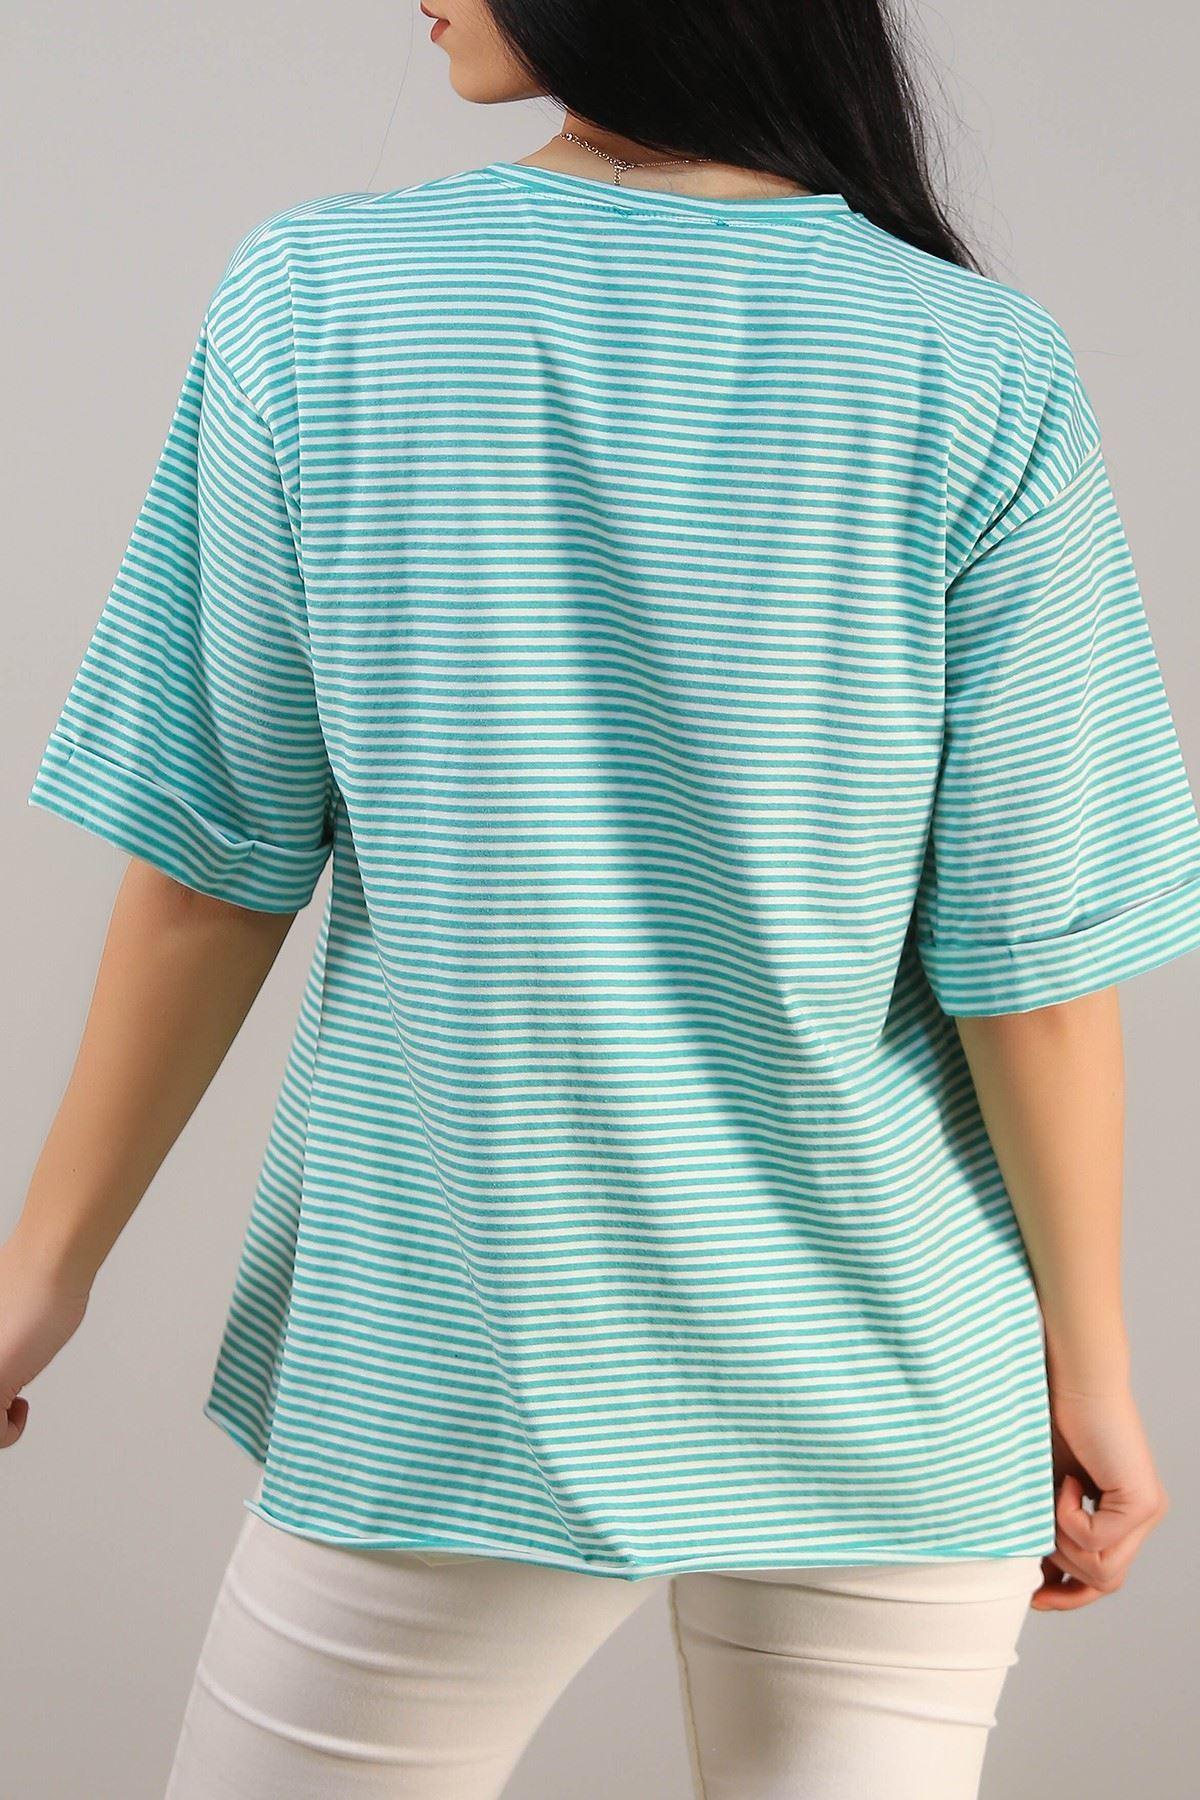 Çizgili Yırtmaçlı Tişört Yeşil - 4993.336.